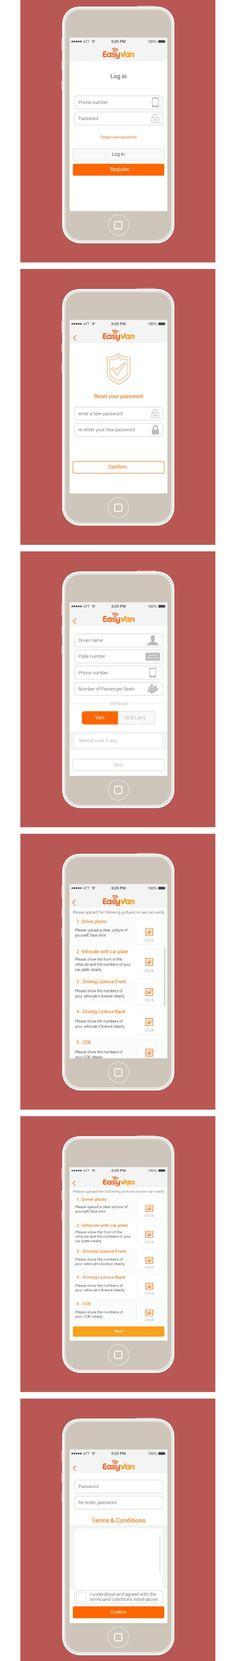 Mobile UI Design Inspiration #24